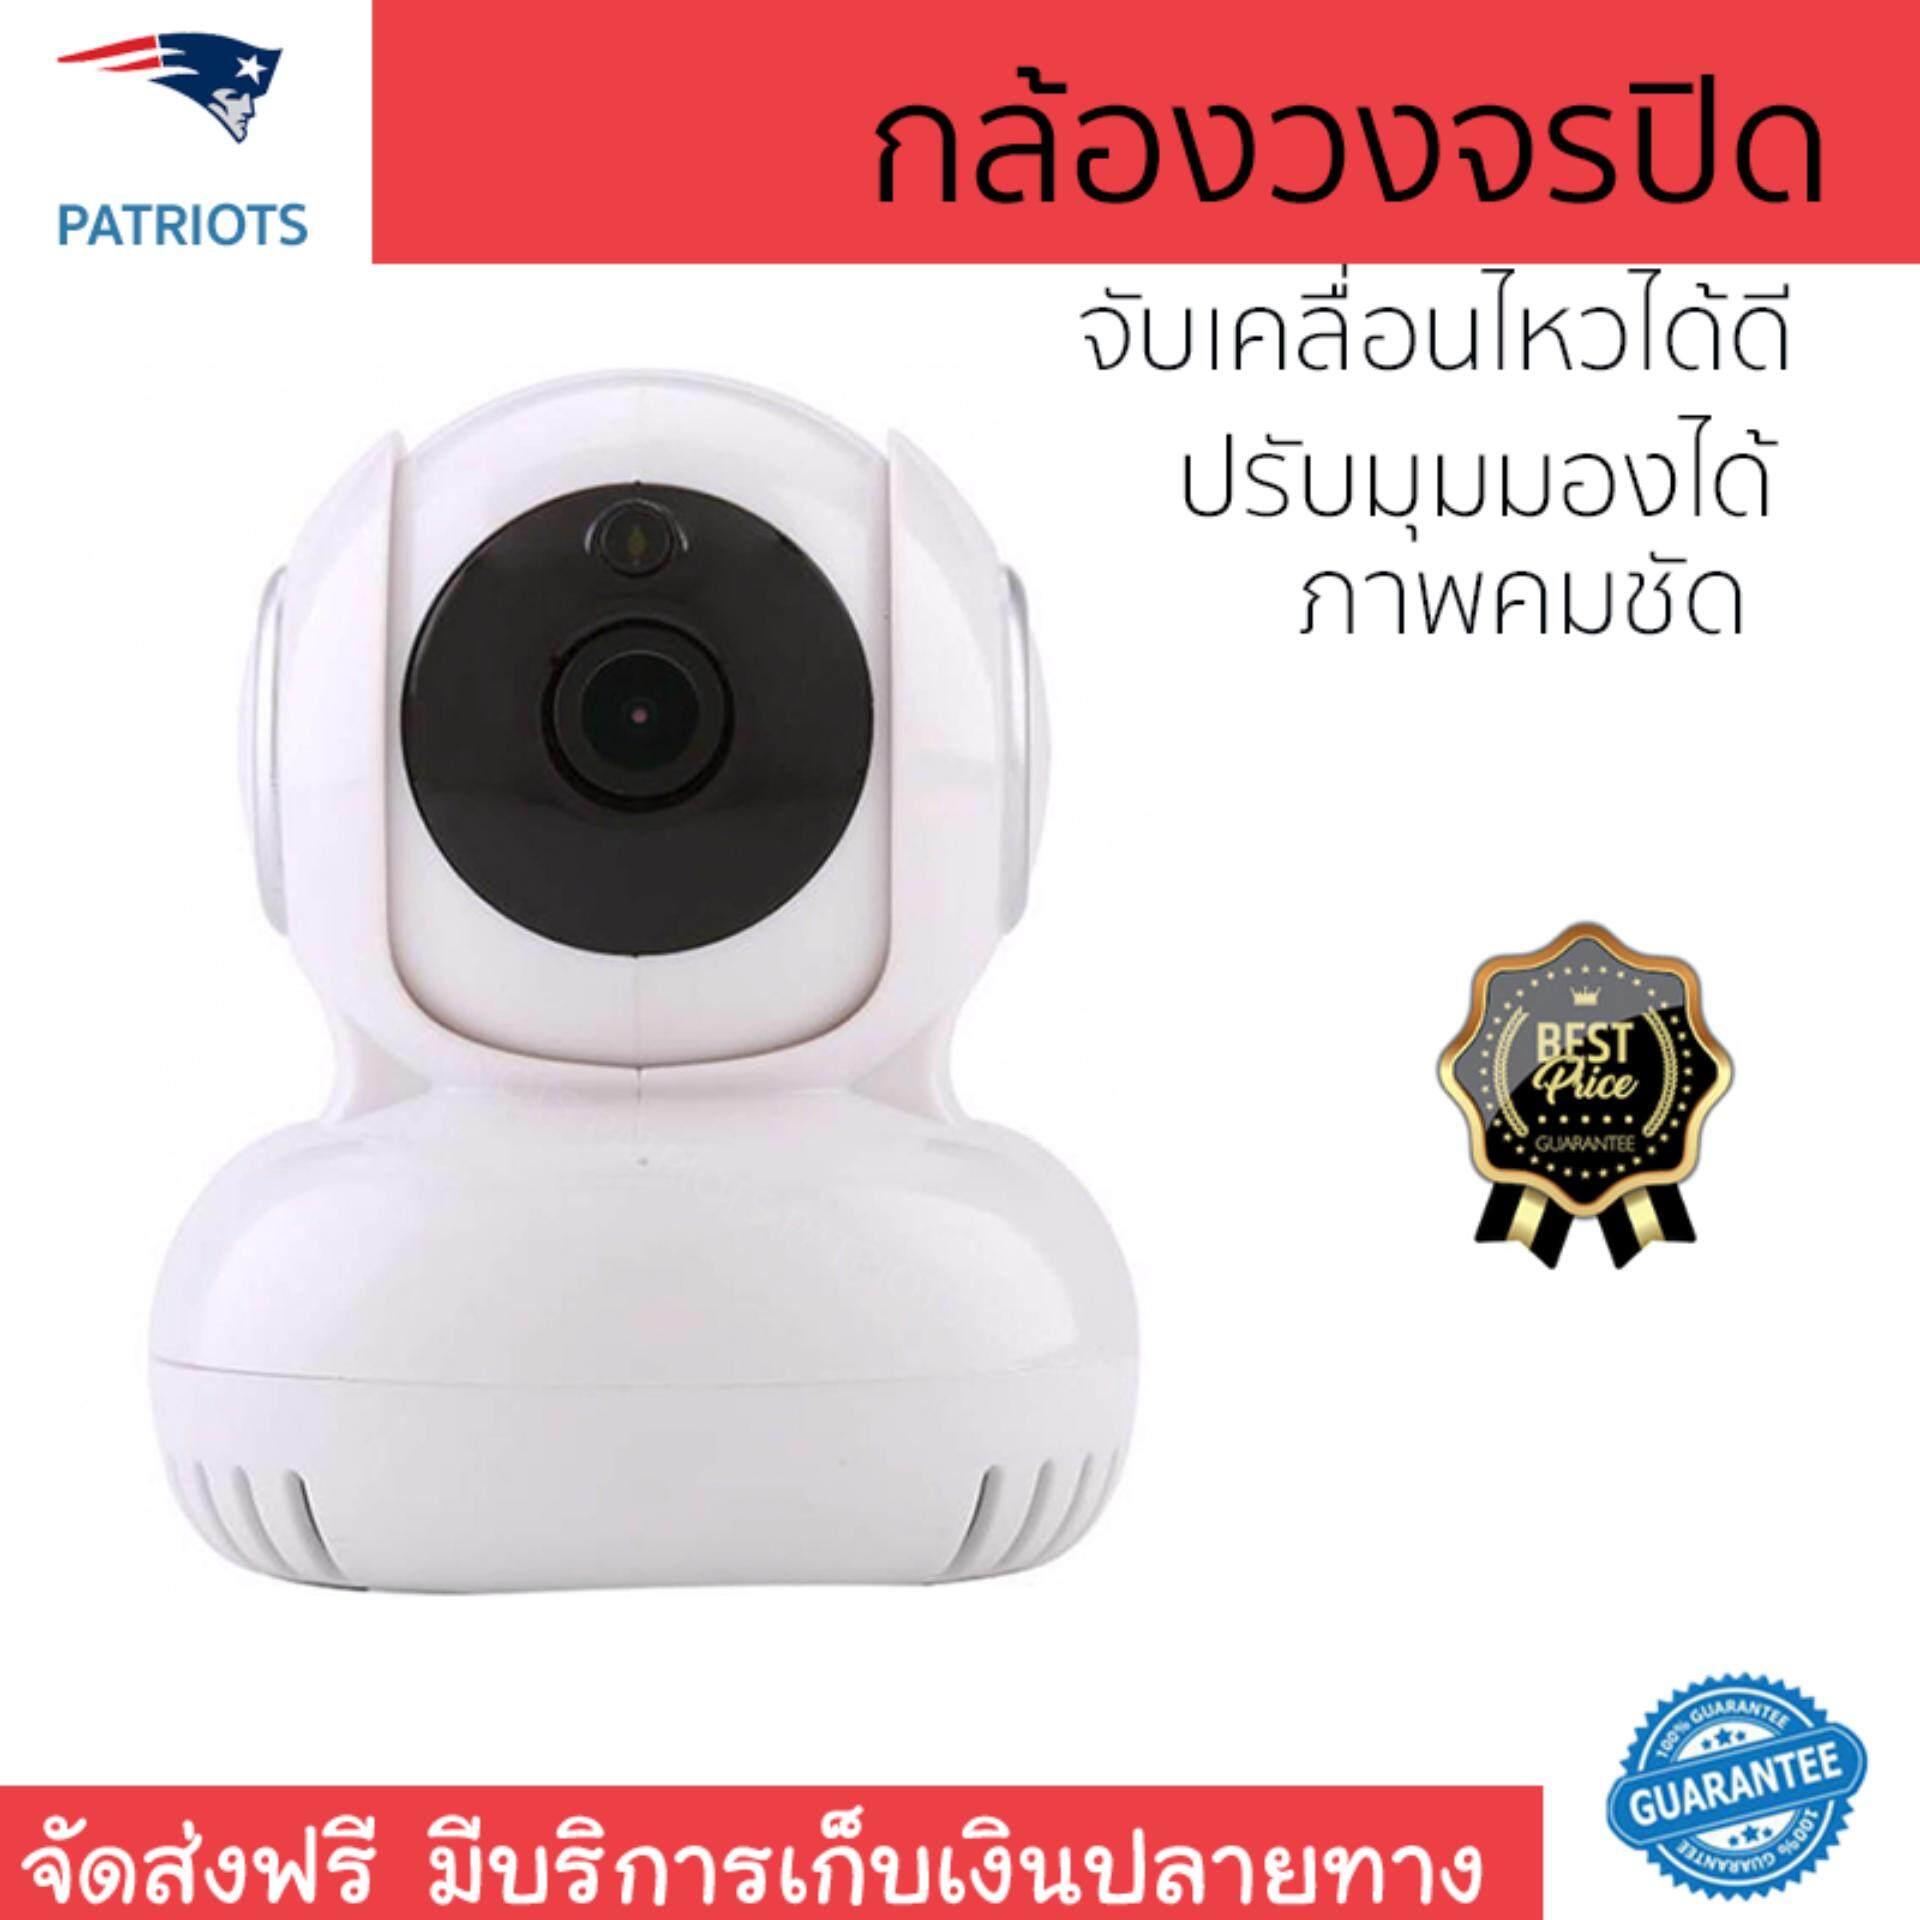 เก็บเงินปลายทางได้ โปรโมชัน กล้องวงจรปิด           LIFESMART กล้องวงจรปิด รุ่น SMARTHOME LS078             ภาพคมชัด ปรับมุมมองได้ กล้อง IP Camera รับประกันสินค้า 1 ปี จัดส่งฟรี Kerry ทั่วประเทศ